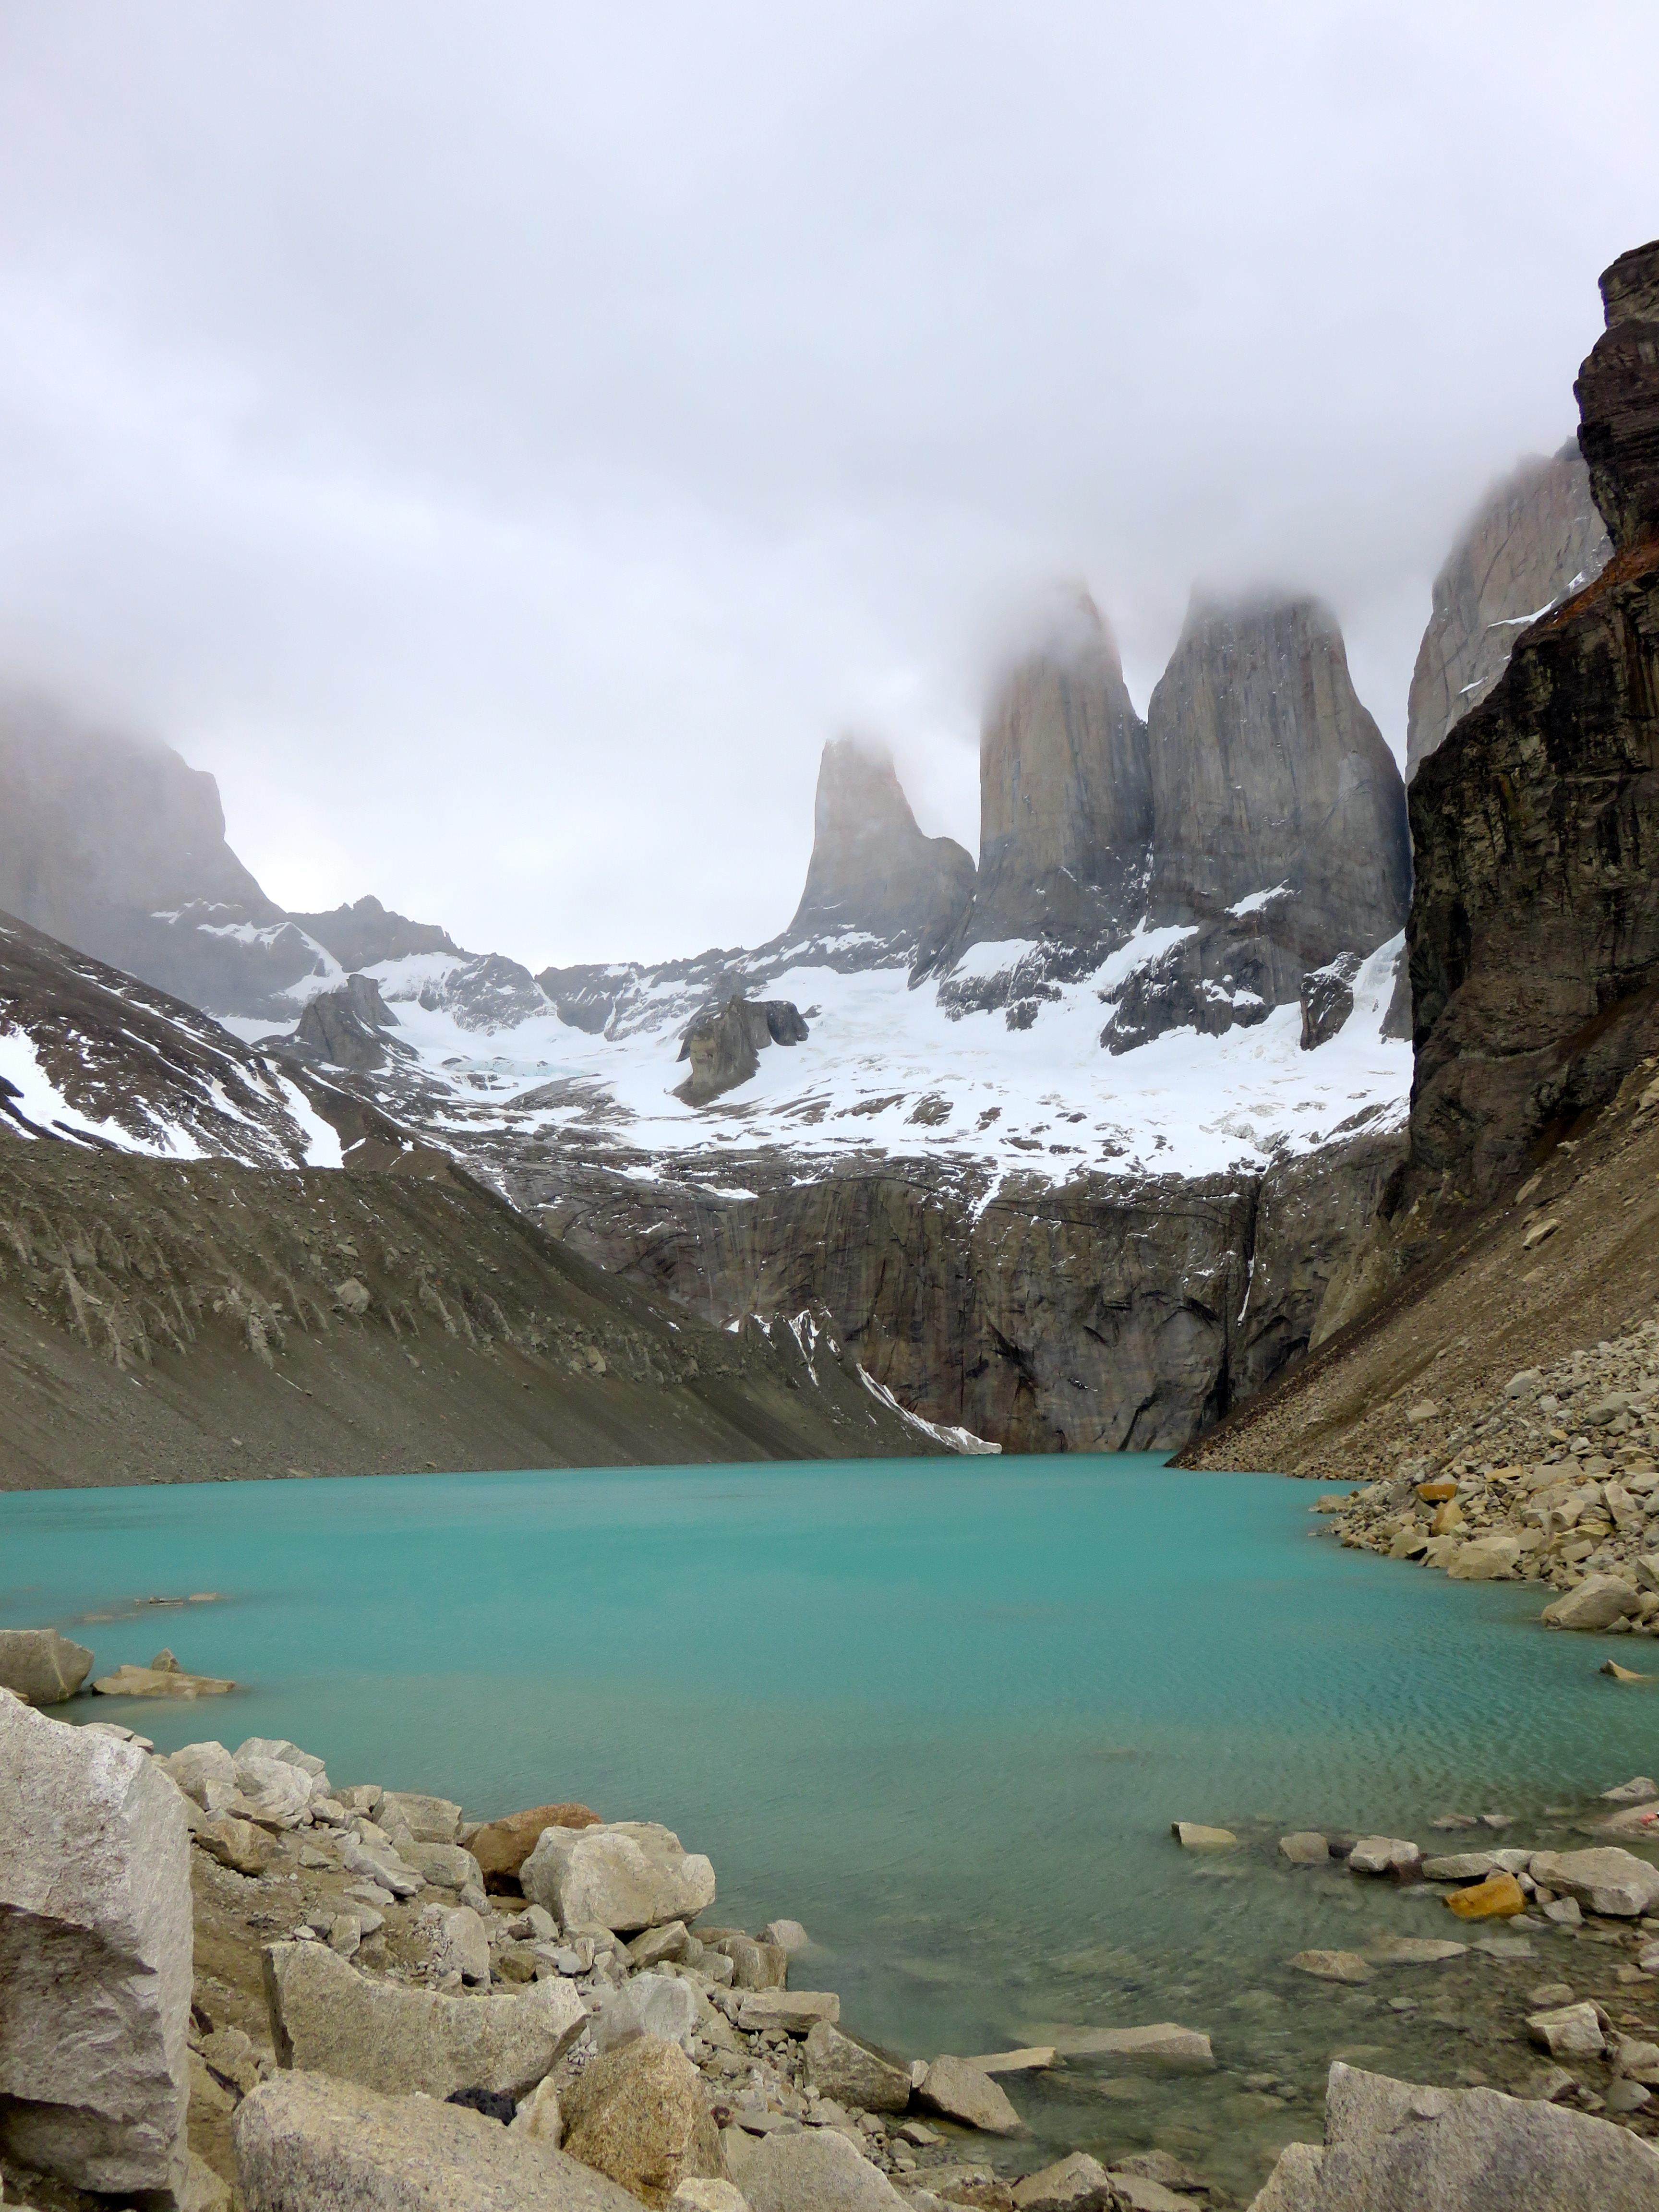 Claire's trip to Torres del Paine, Tierra del Fuego & Bariloche